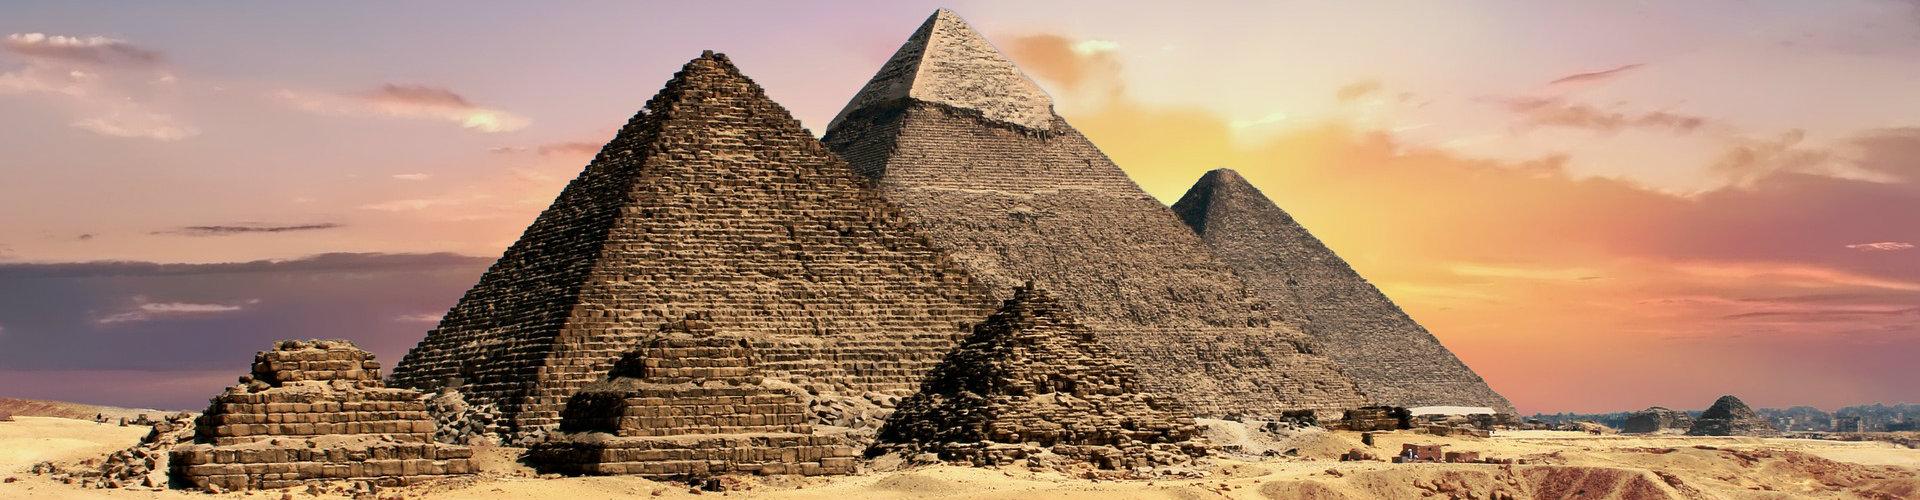 Piramides Egipto experiencias históricas